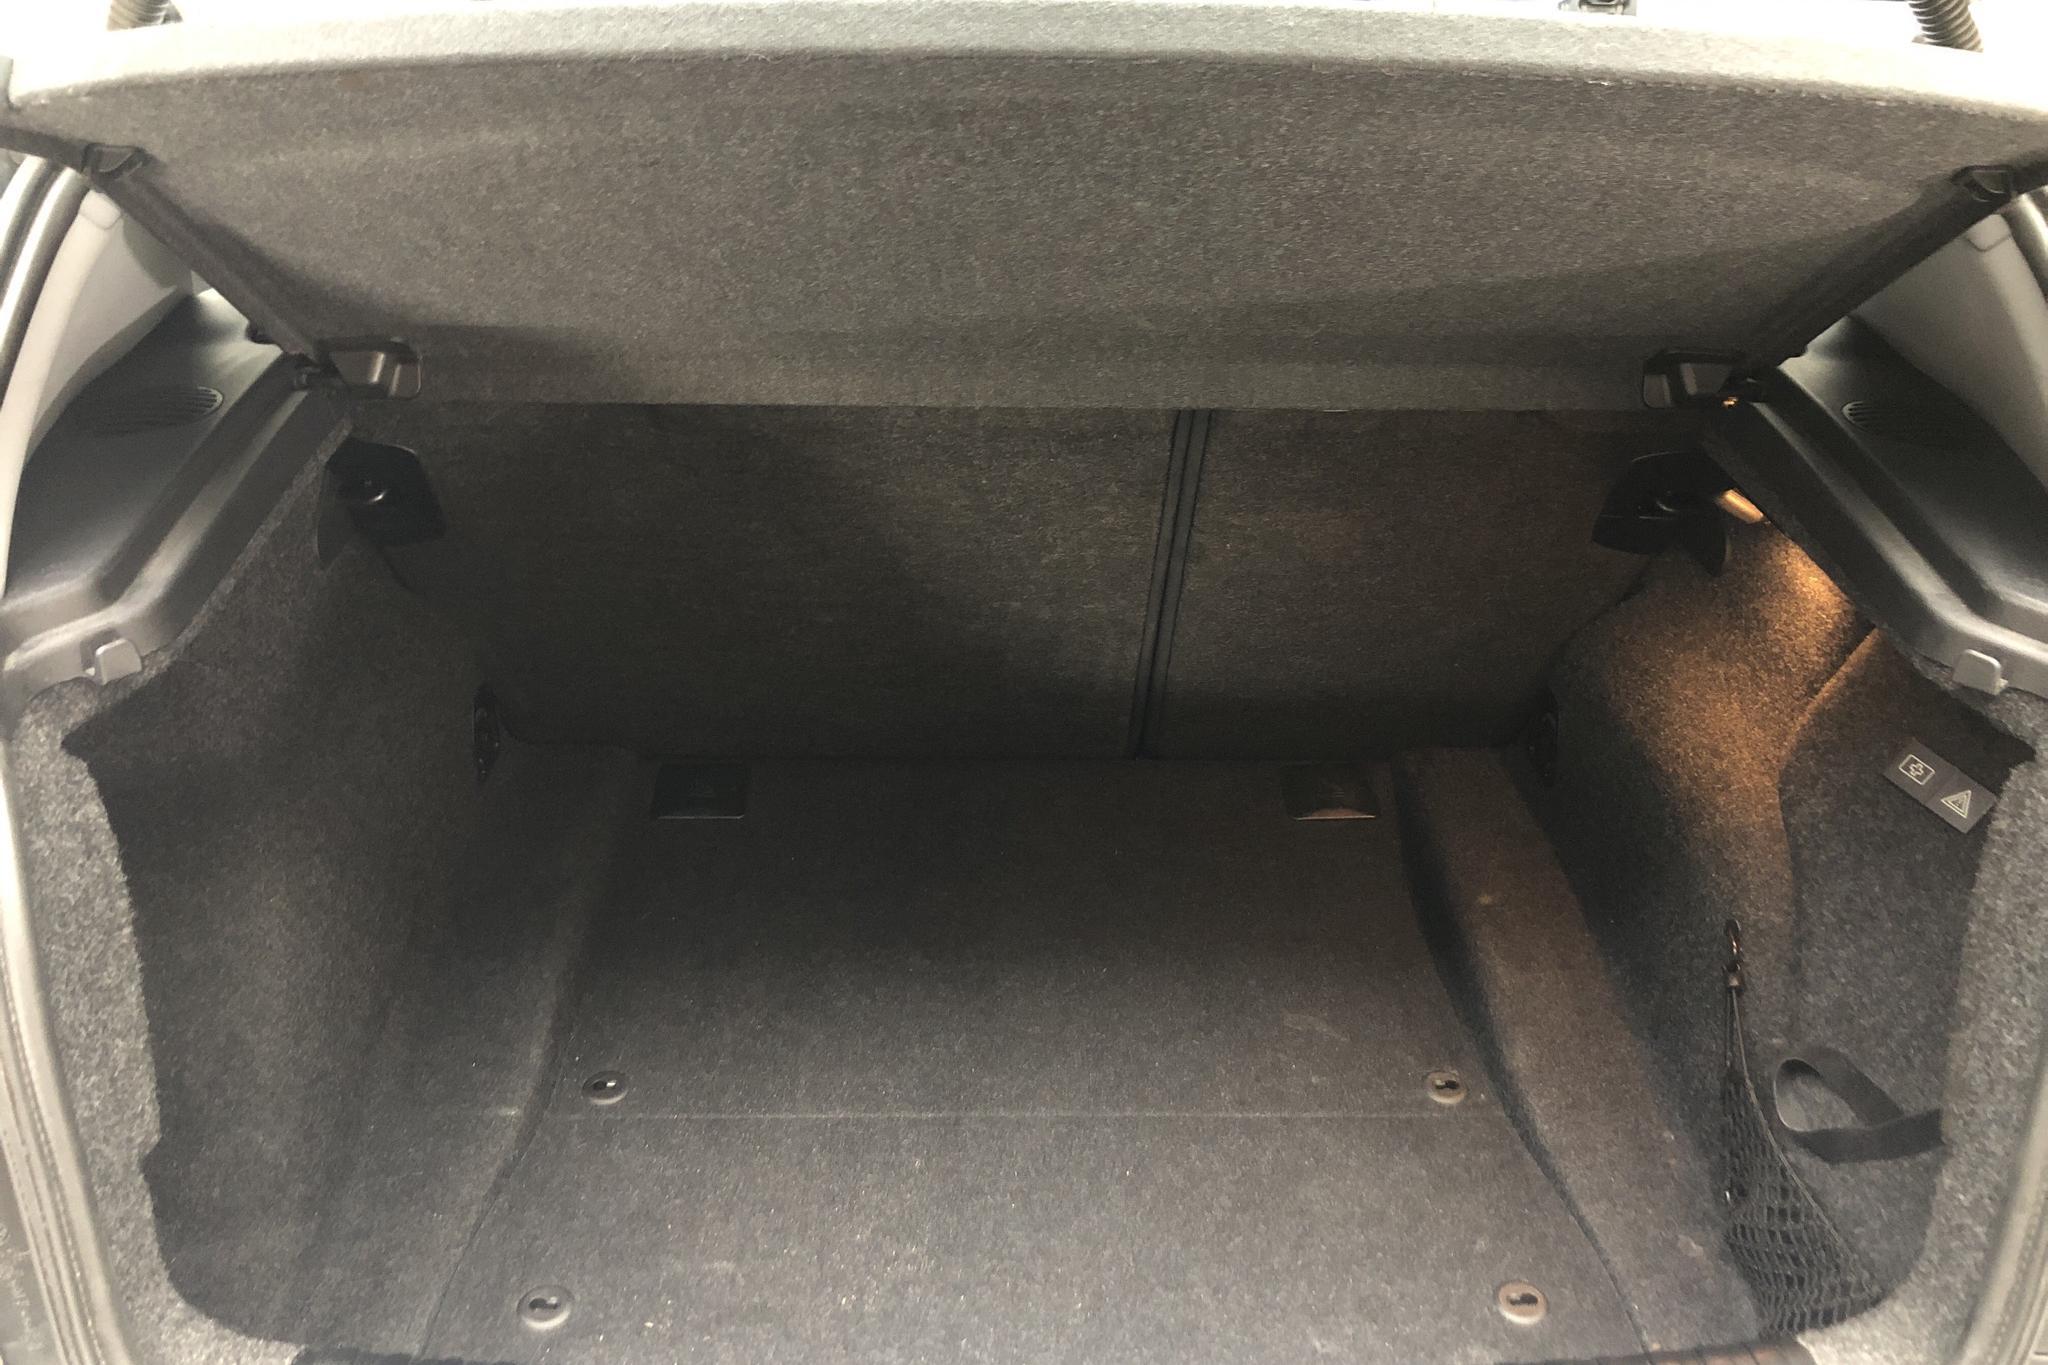 BMW 118d 5dr, E87 (143hk) - 167 790 km - Manual - Light Blue - 2010